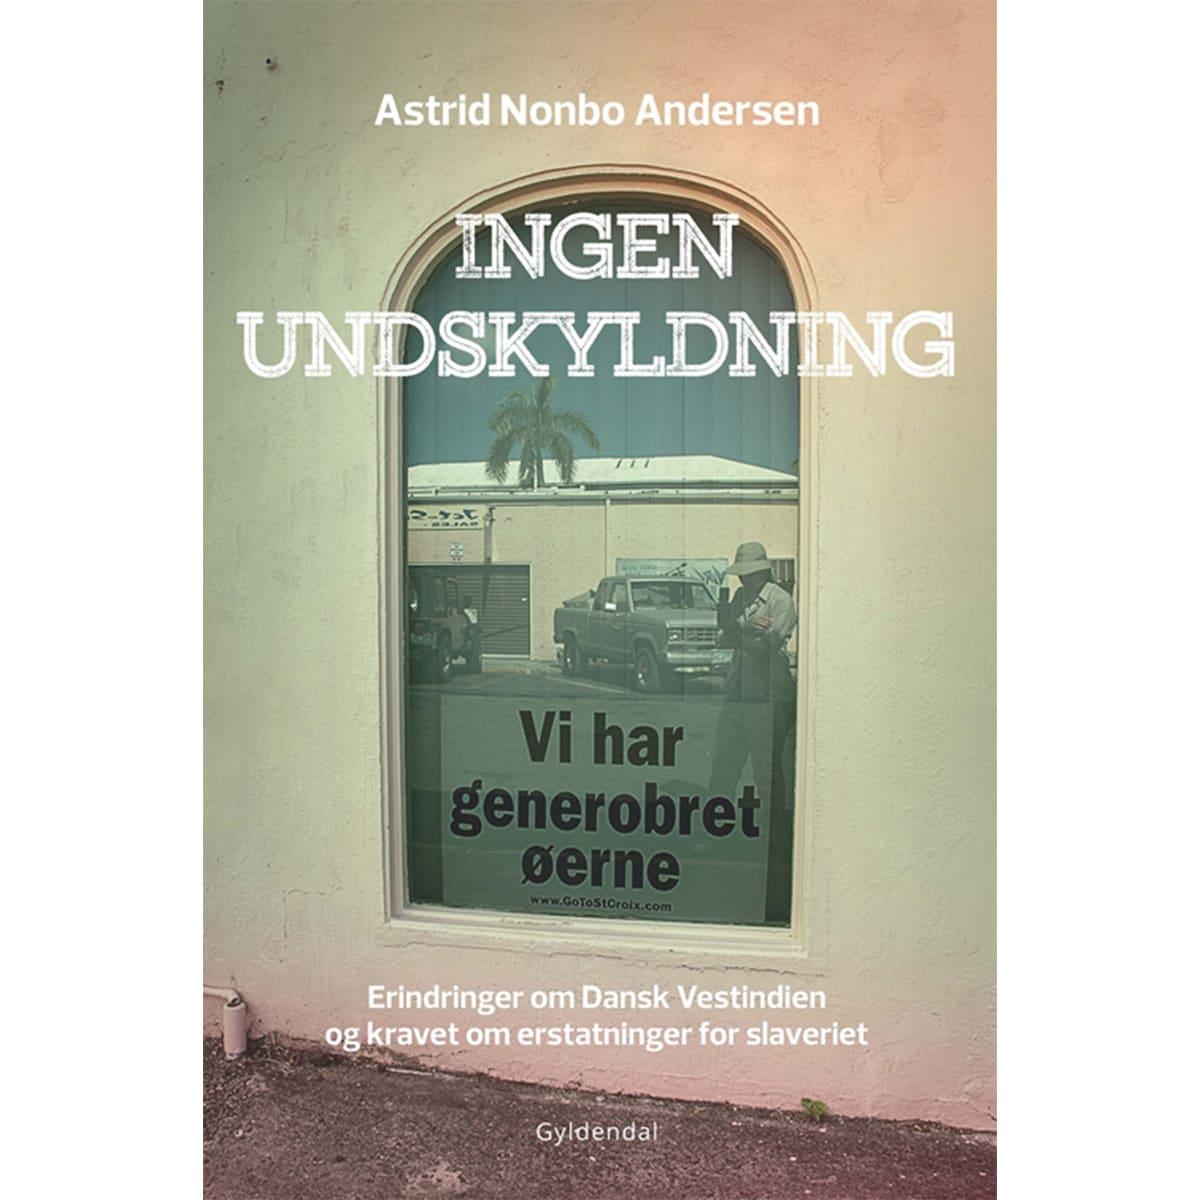 Af Astrid Nonbo Andersen